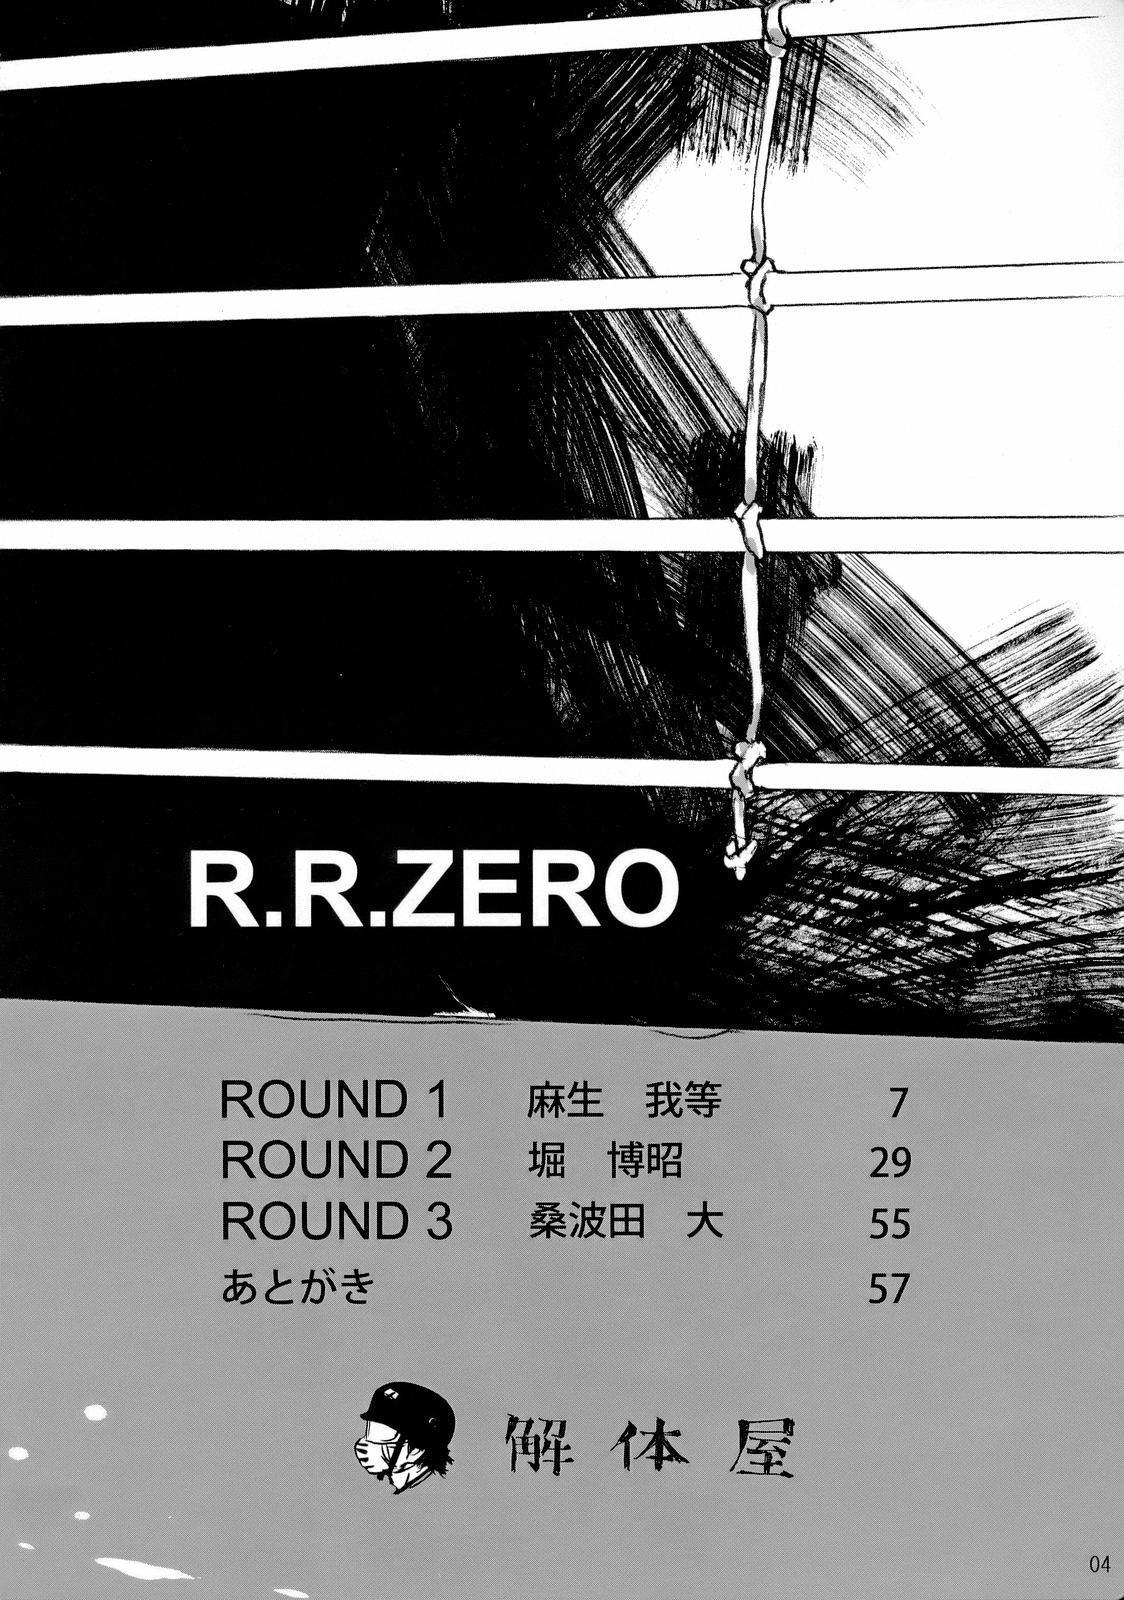 R.R. Zero 2